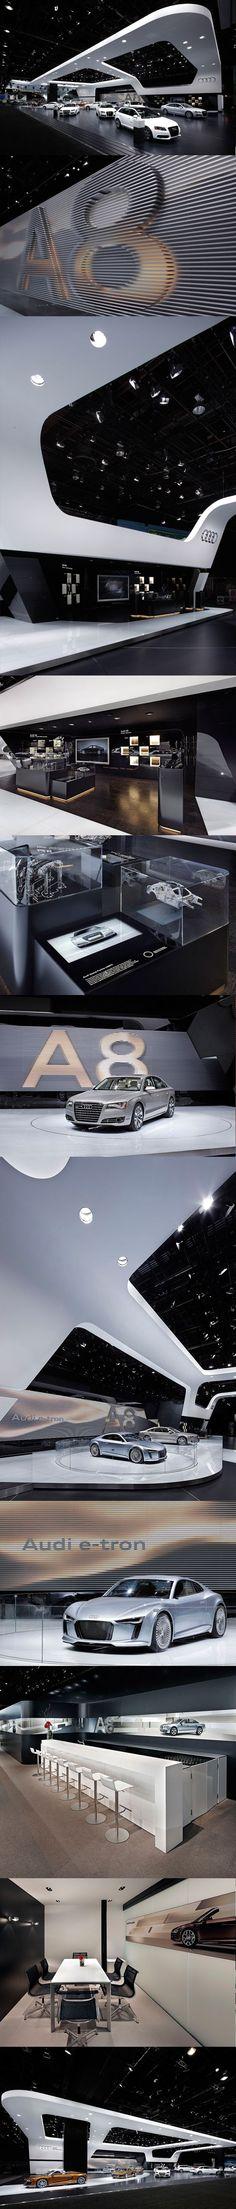 Audi Detroit Motorshow 2010